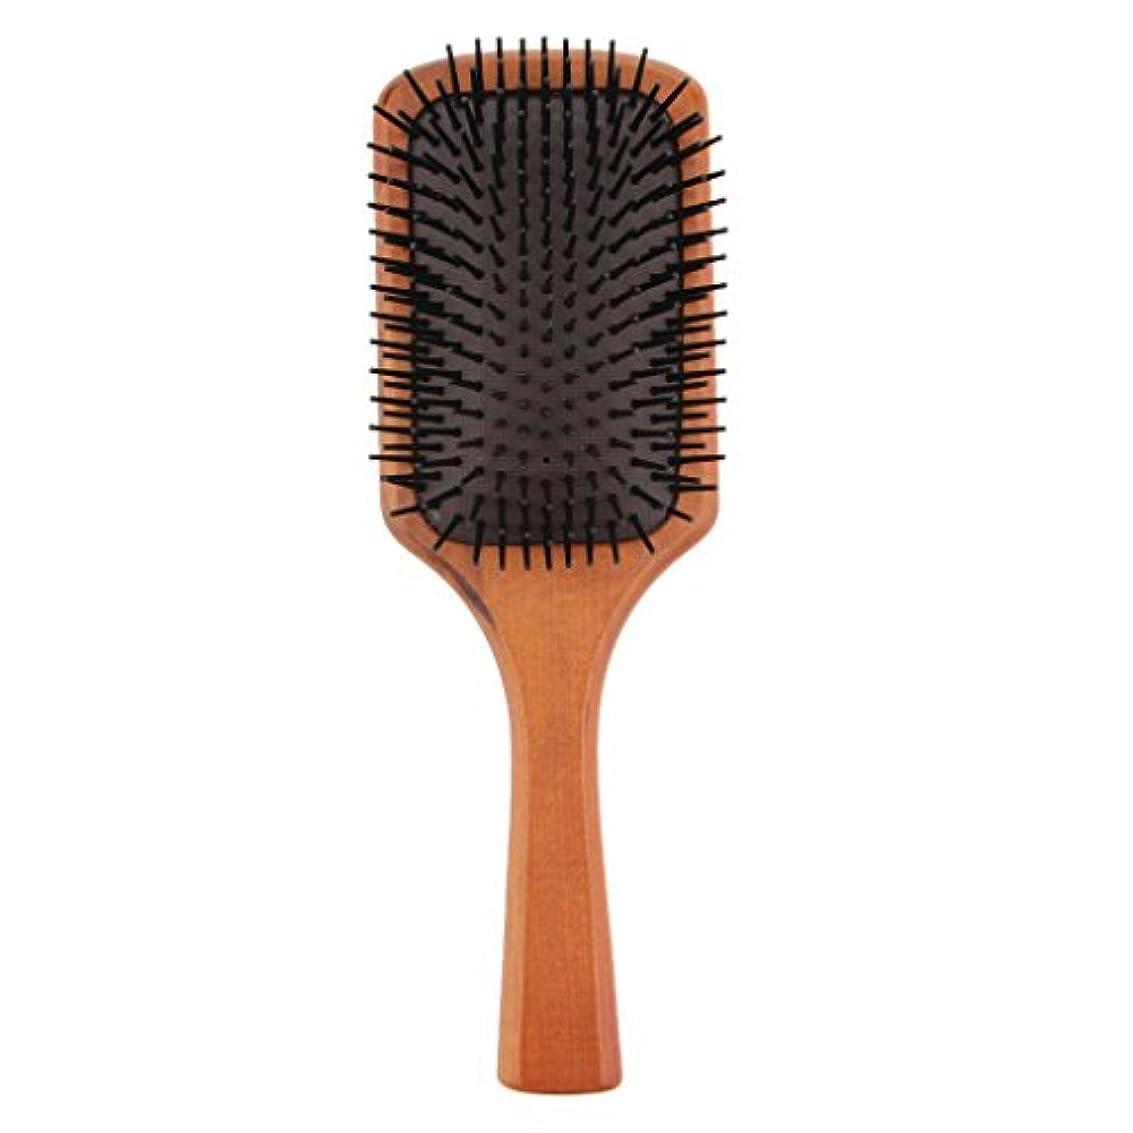 気晴らしバッフルウッズ木製コーム ヘアブラシ 櫛 ヘアダイコーム ヘアコーム 健康 光沢 髪 維持